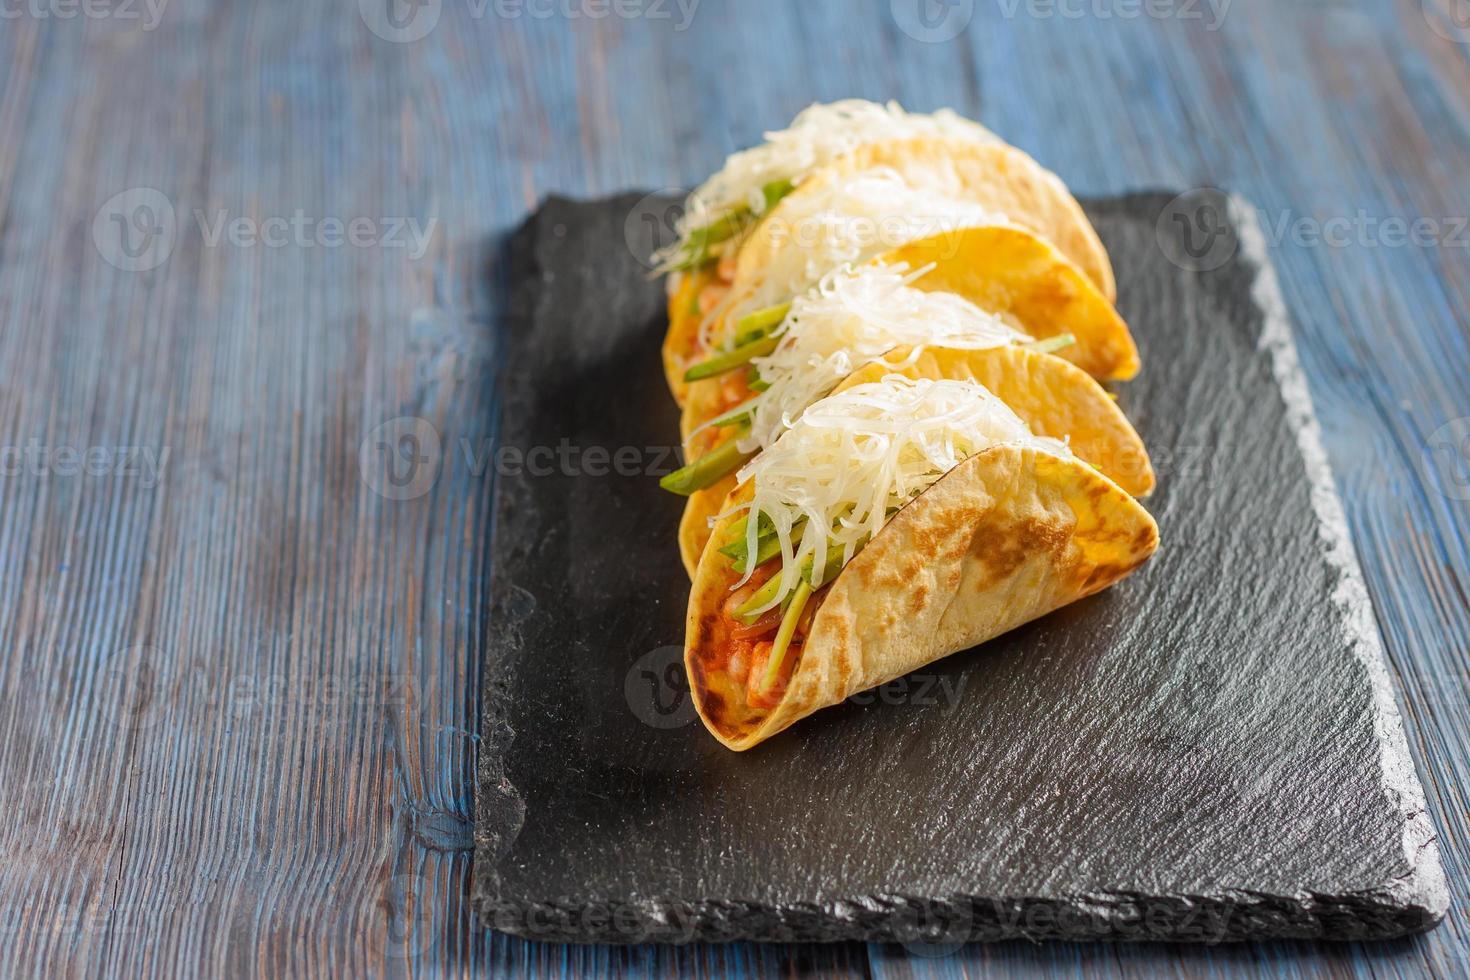 tacos mexicanos con carne, frijoles, aguacate, queso y salsa de tomate foto